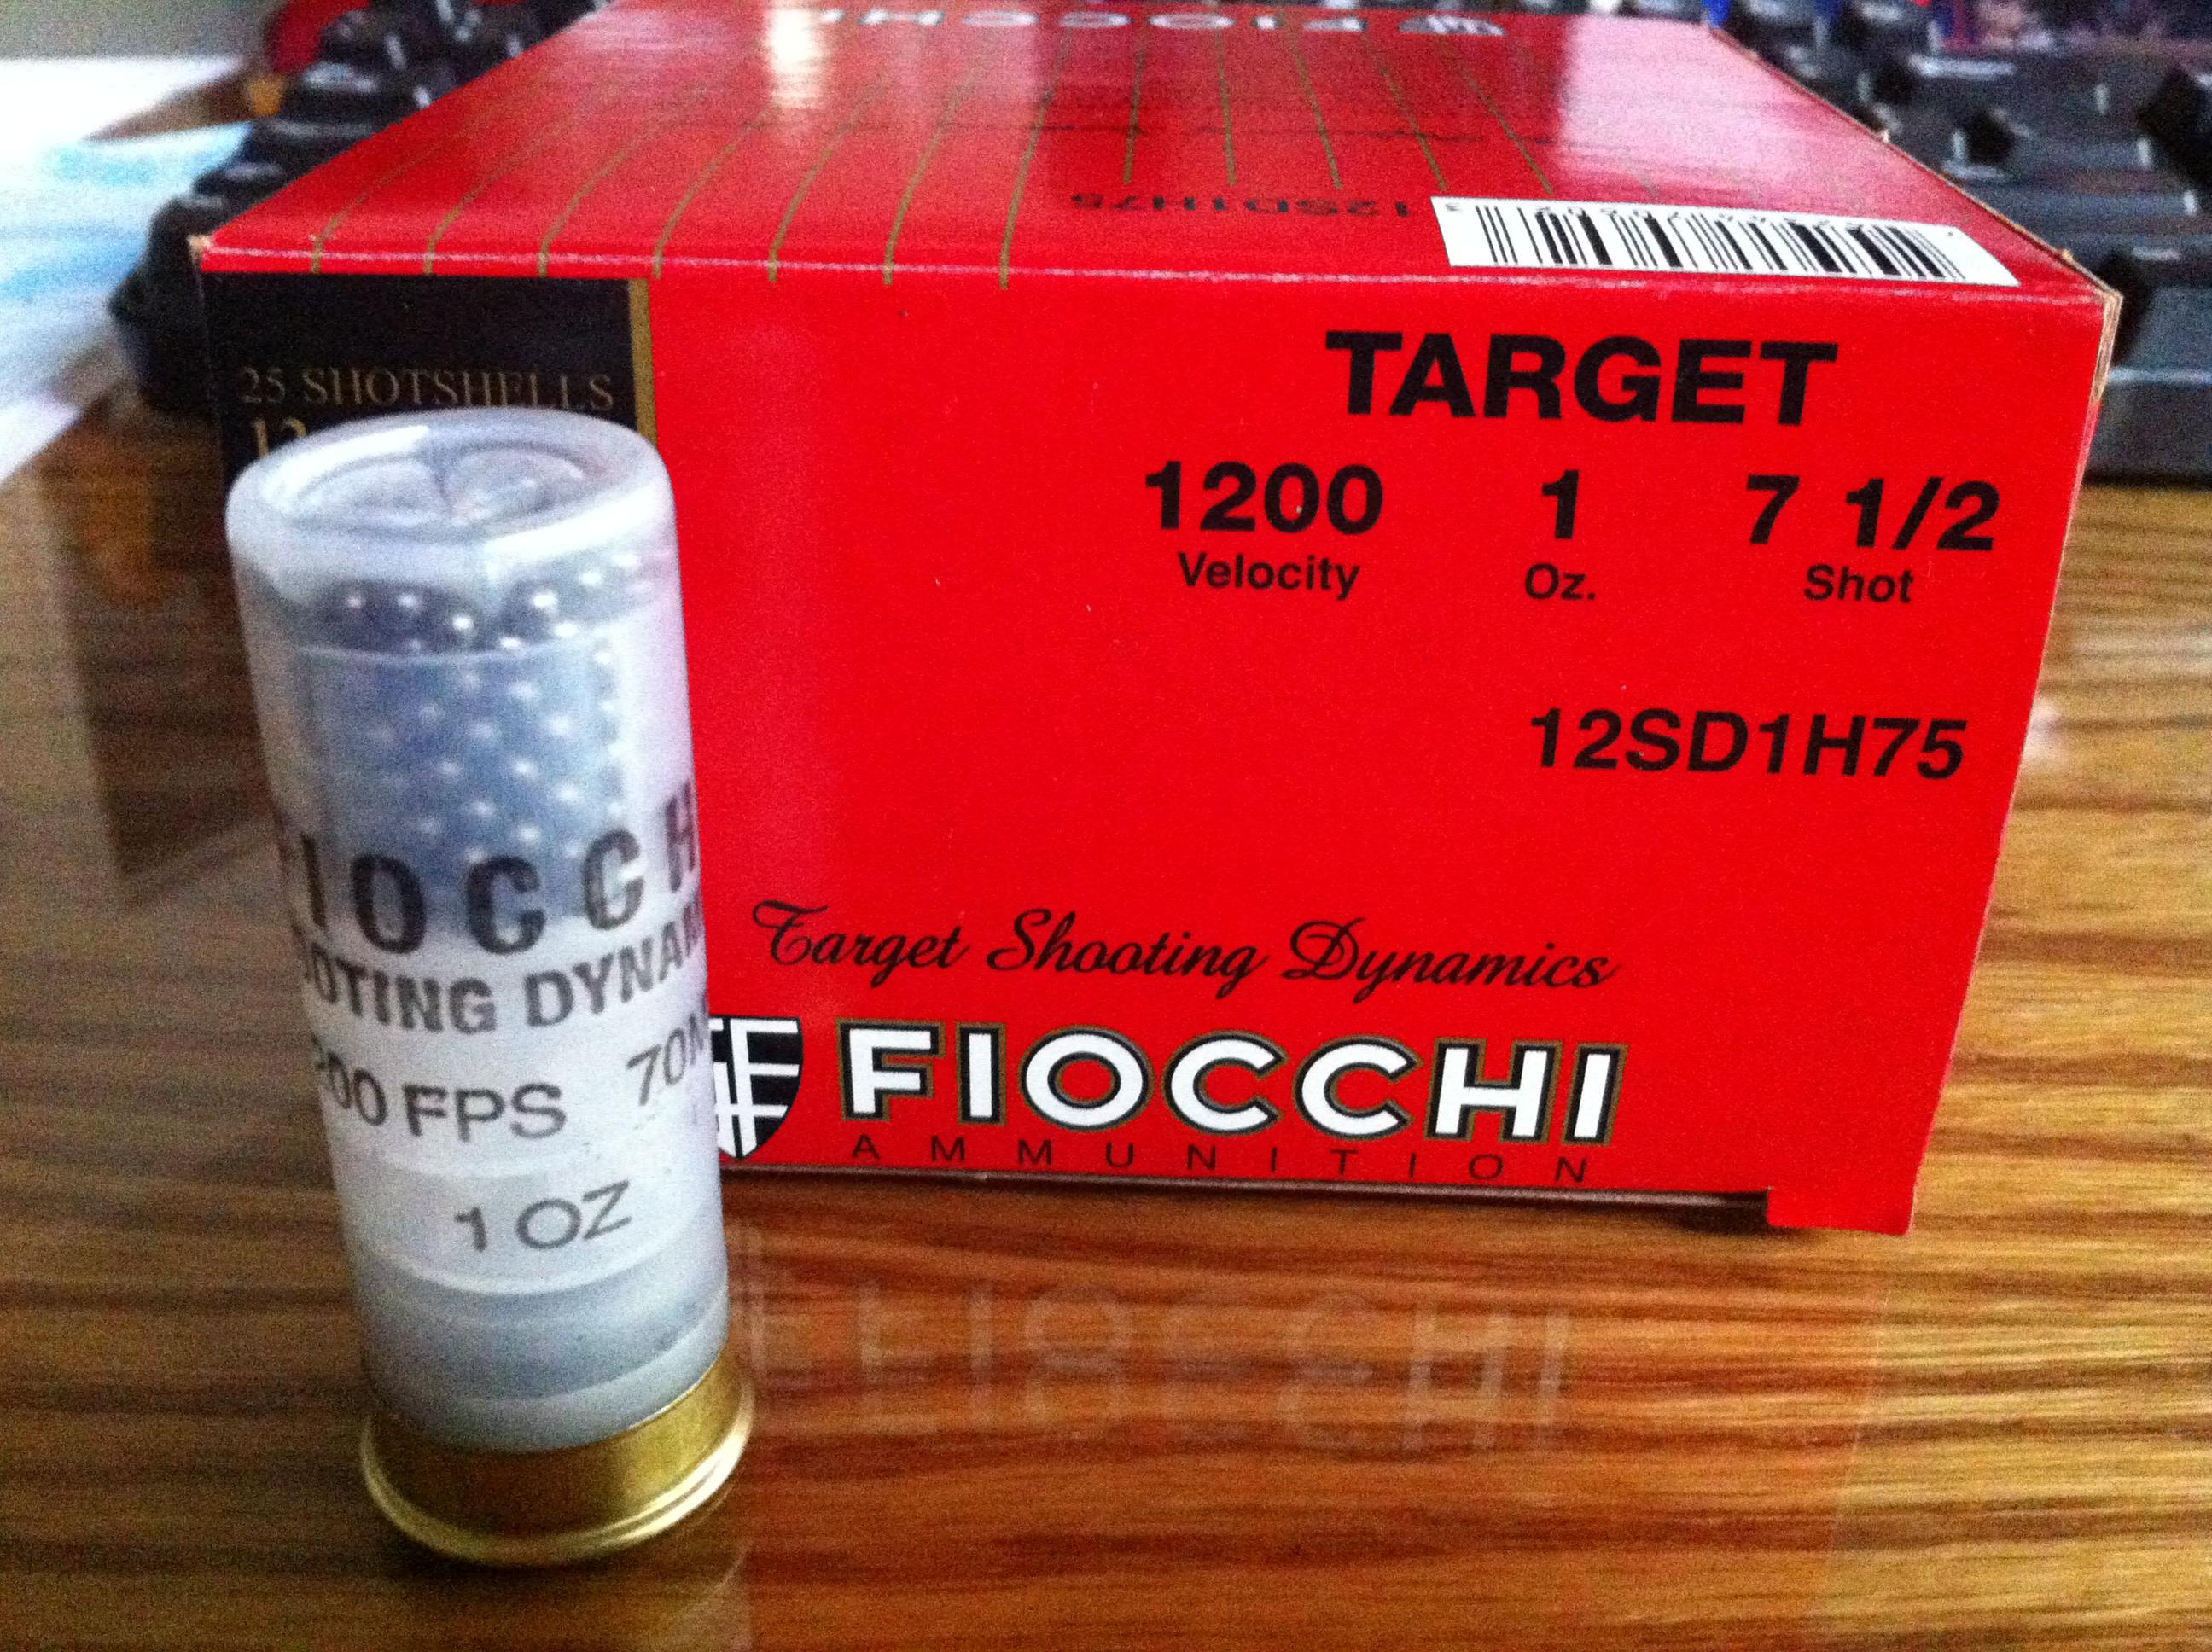 Fiocchi Ammunition